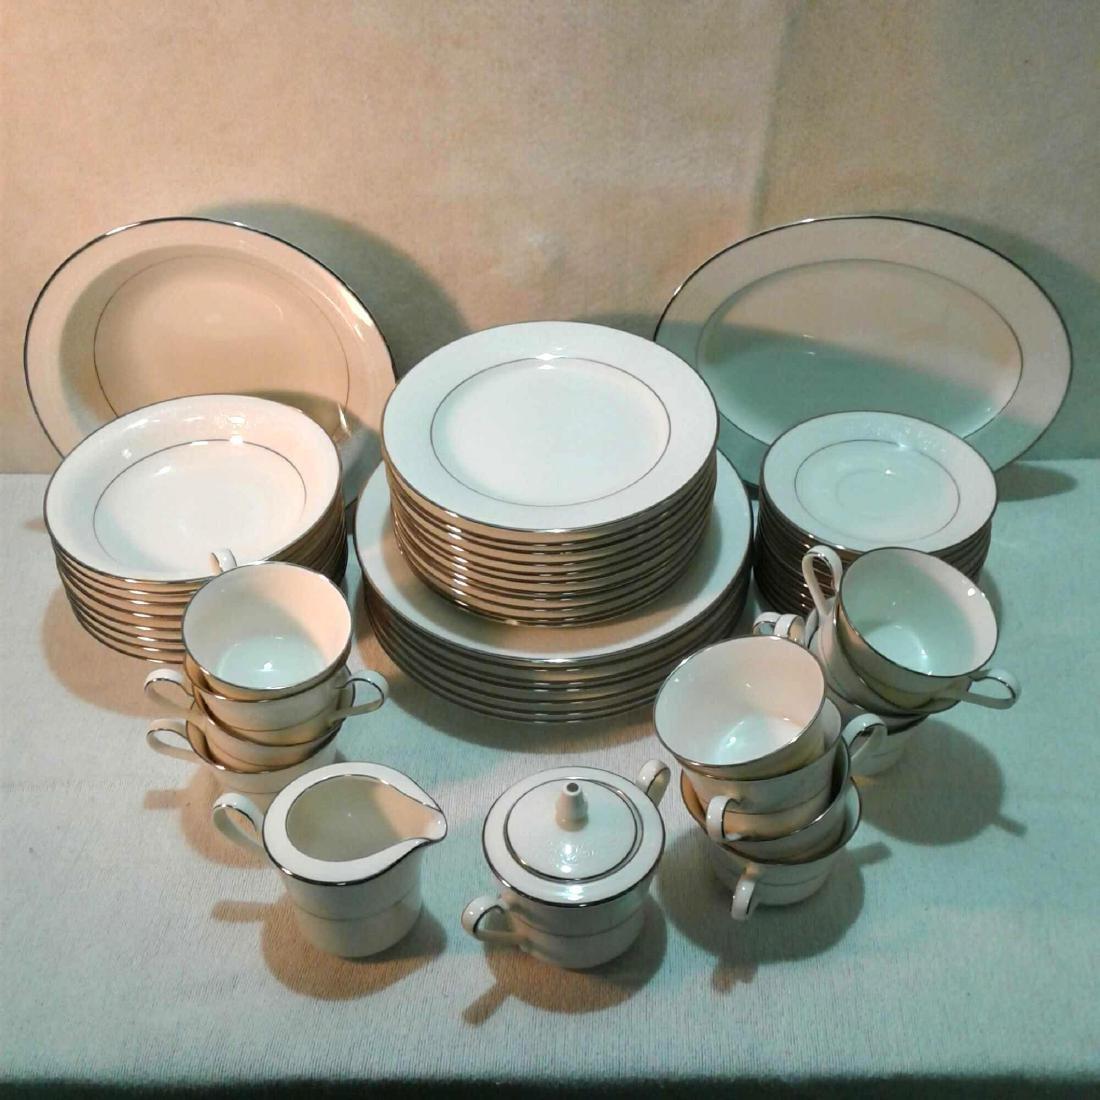 Noritake Ivory China Set (53 pieces)